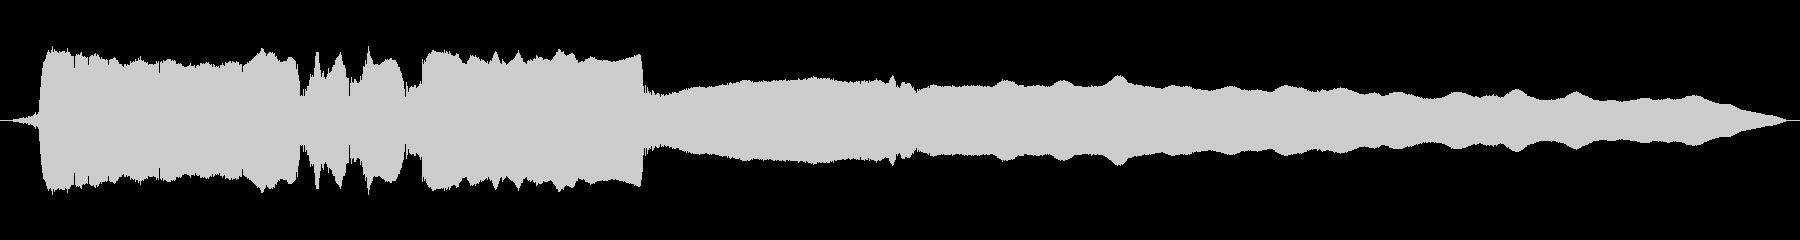 こぶし03(C#)の未再生の波形